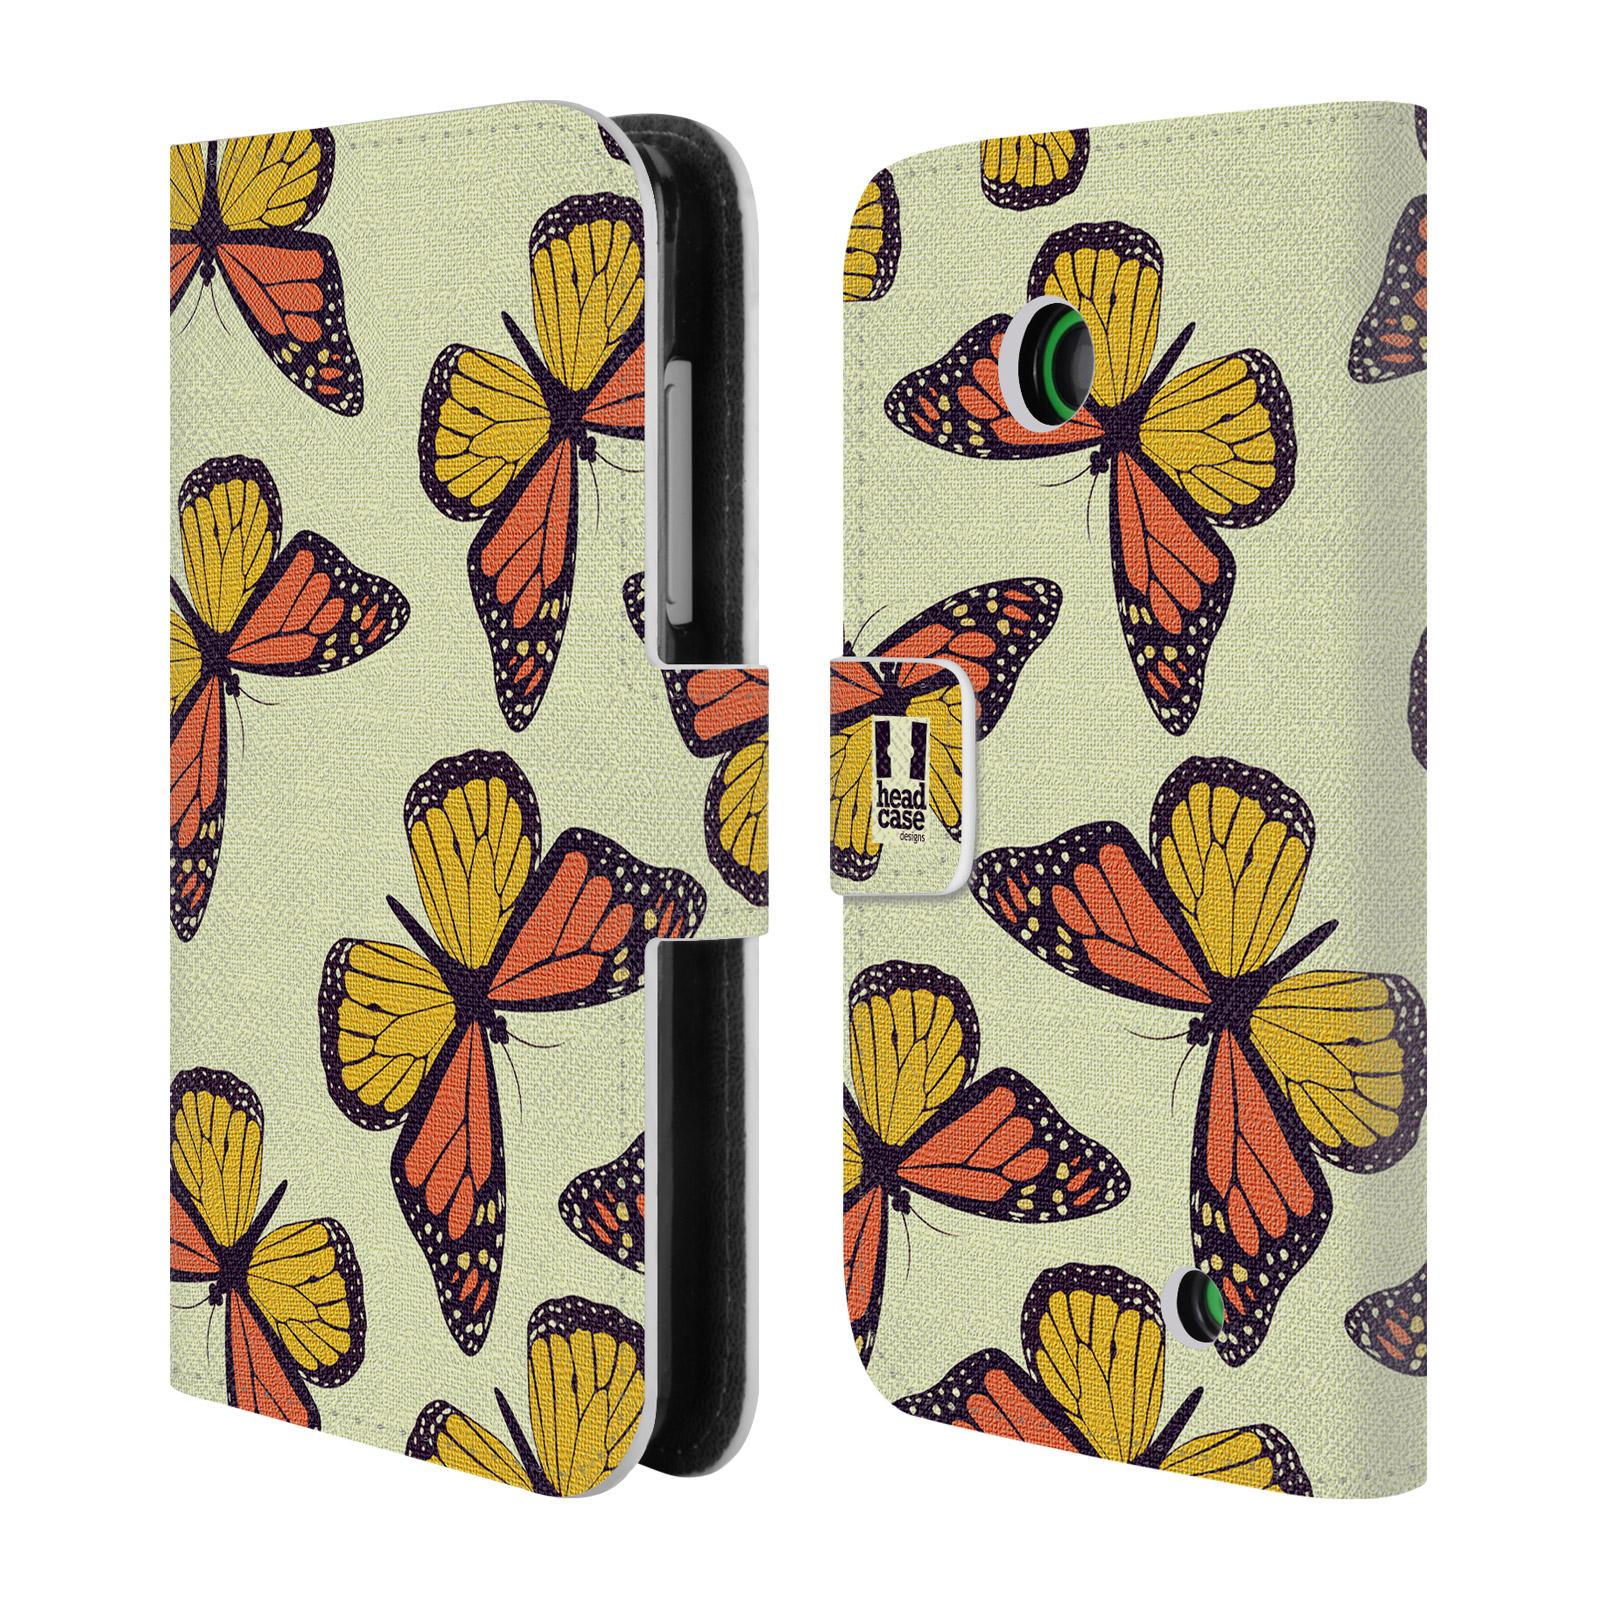 HEAD CASE Flipové pouzdro pro mobil NOKIA LUMIA 630 / LUMIA 630 DUAL Vzorkovaný motýl Monarcha oranžová